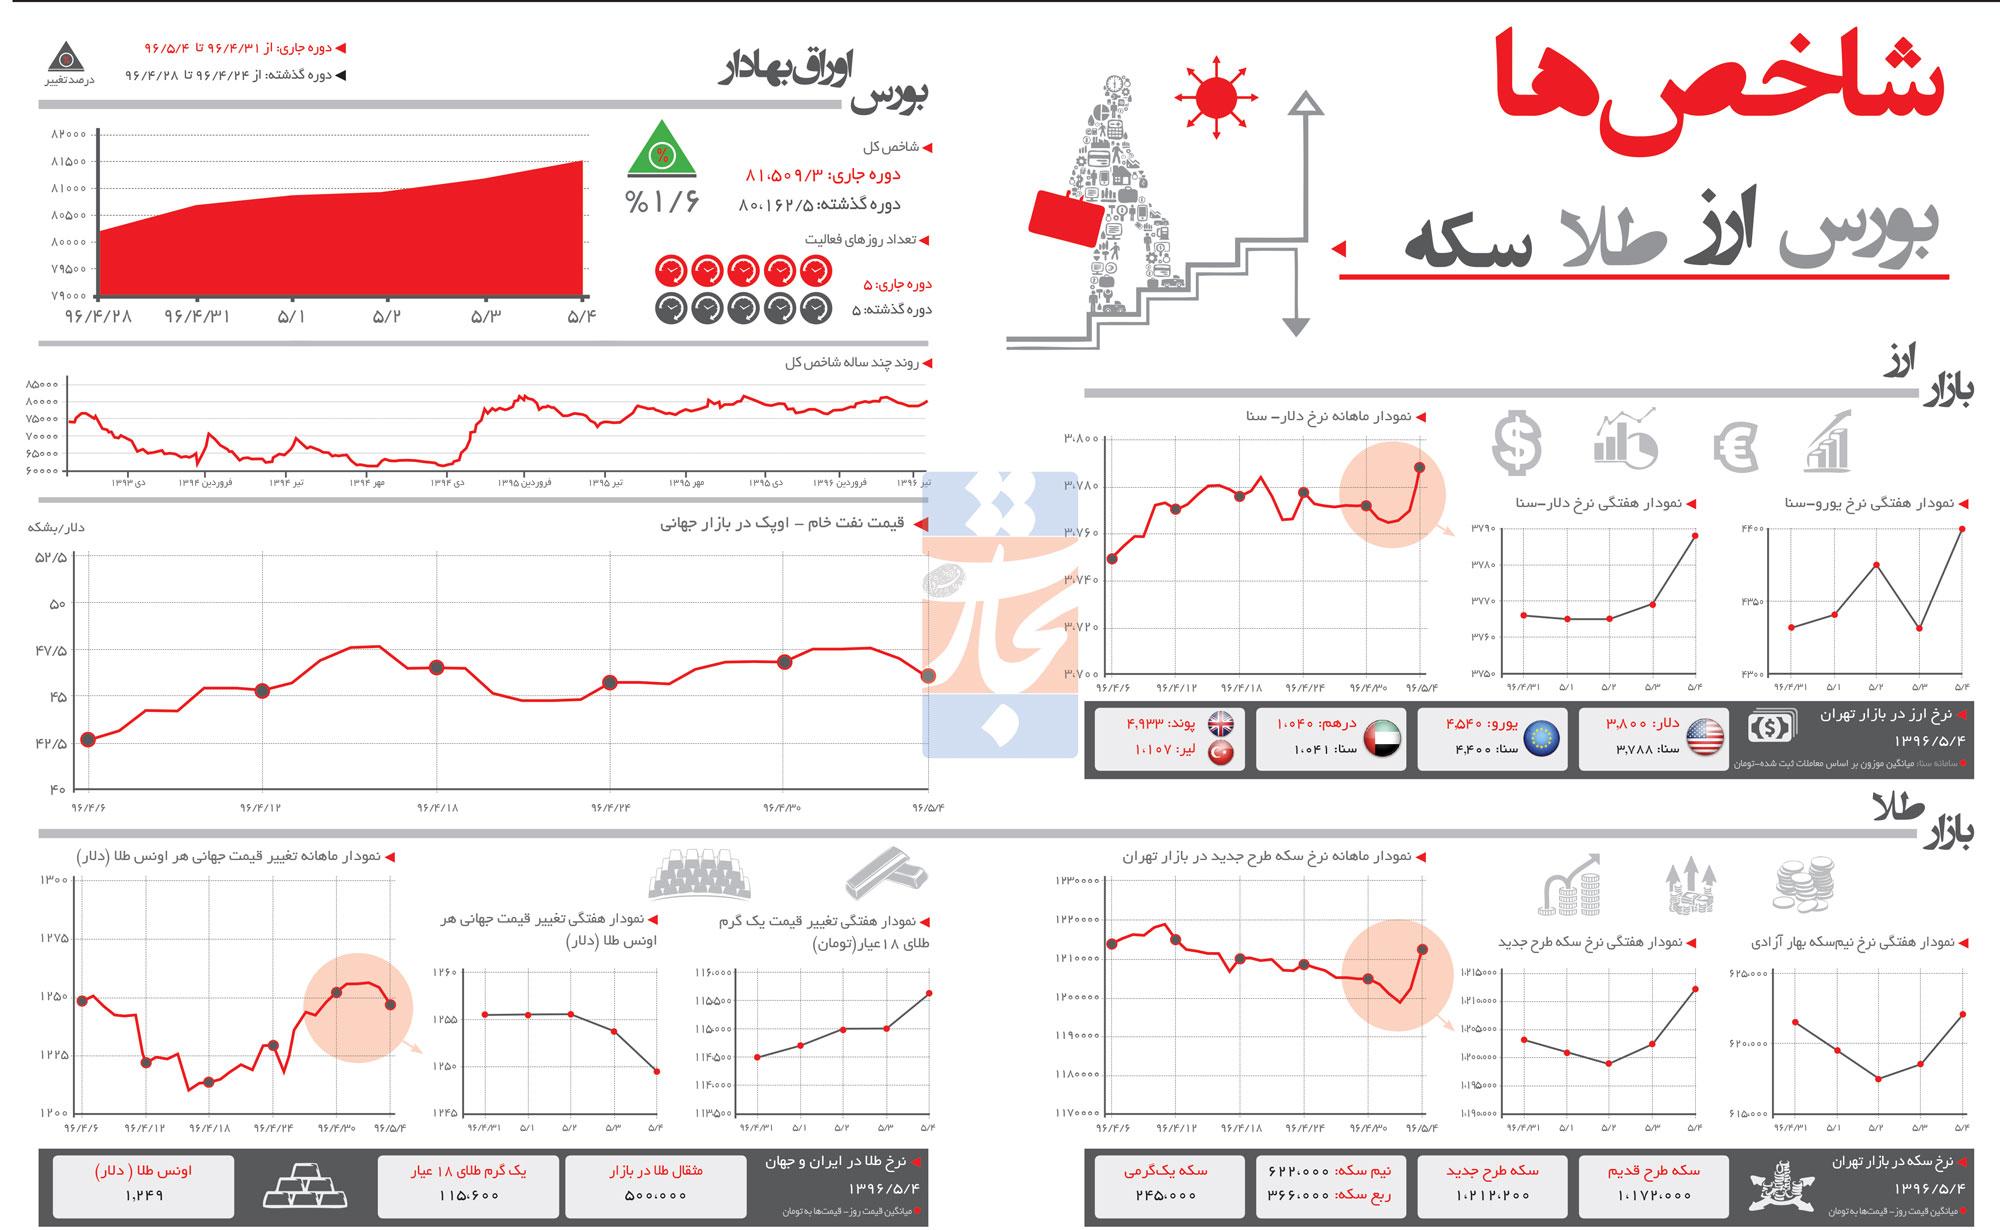 تجارت فردا- اینفوگرافیک - شاخص های اقتصادی هفته